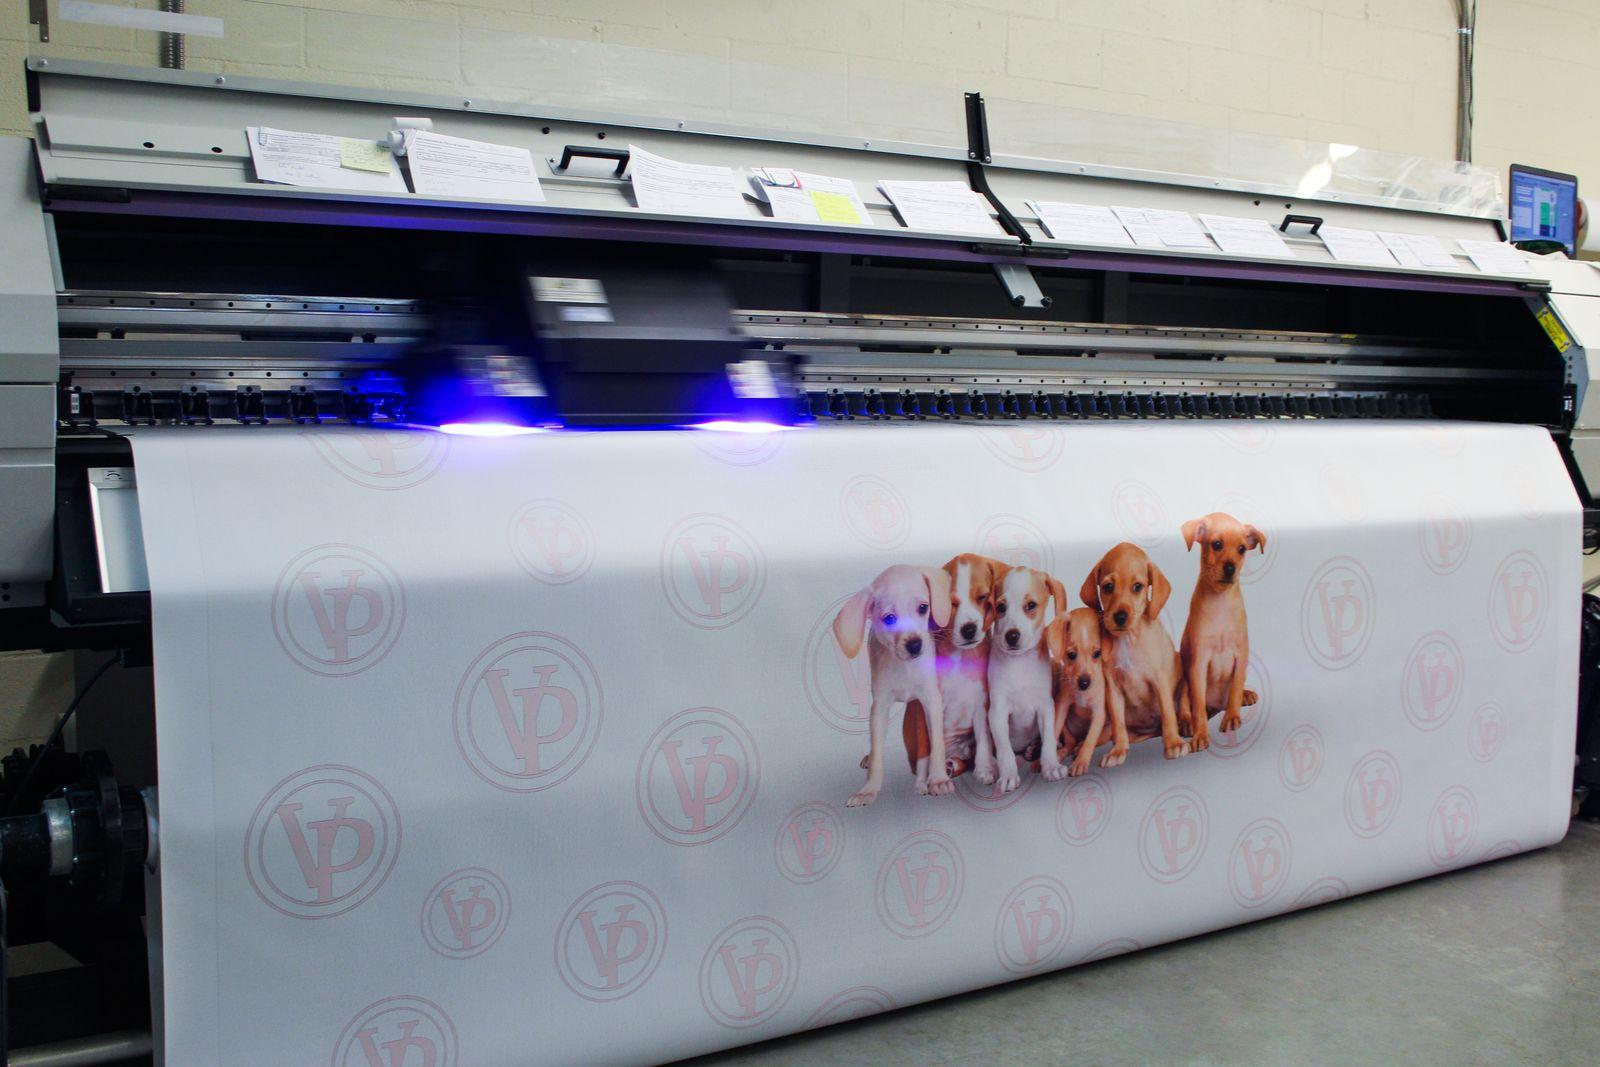 Բանների վրա շների պատկերով տպագրություն